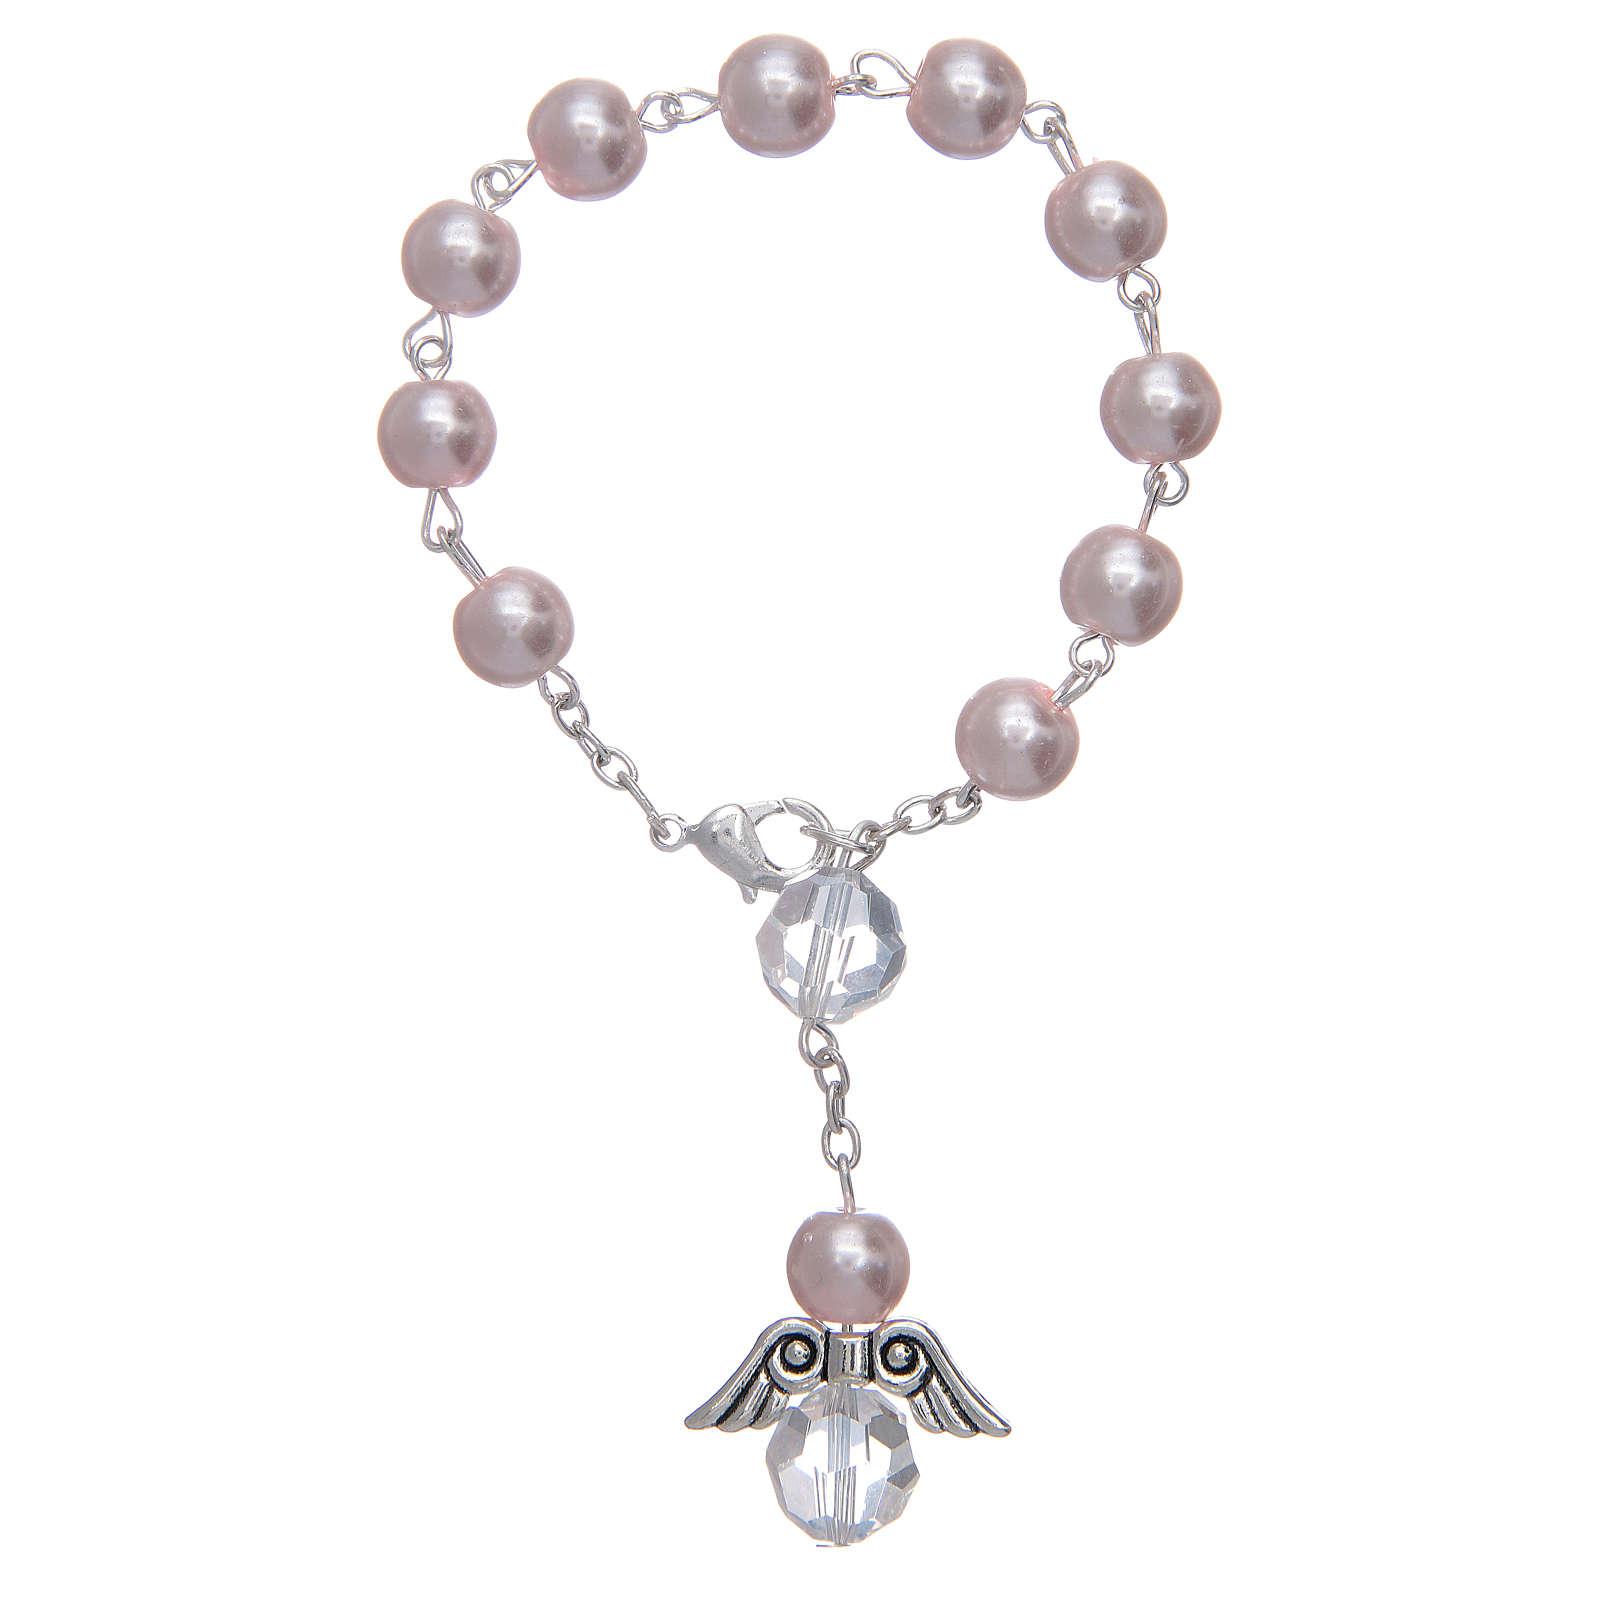 Dezena com anjo em vidro imitação madrepérola cor-de-rosa e cristal 4